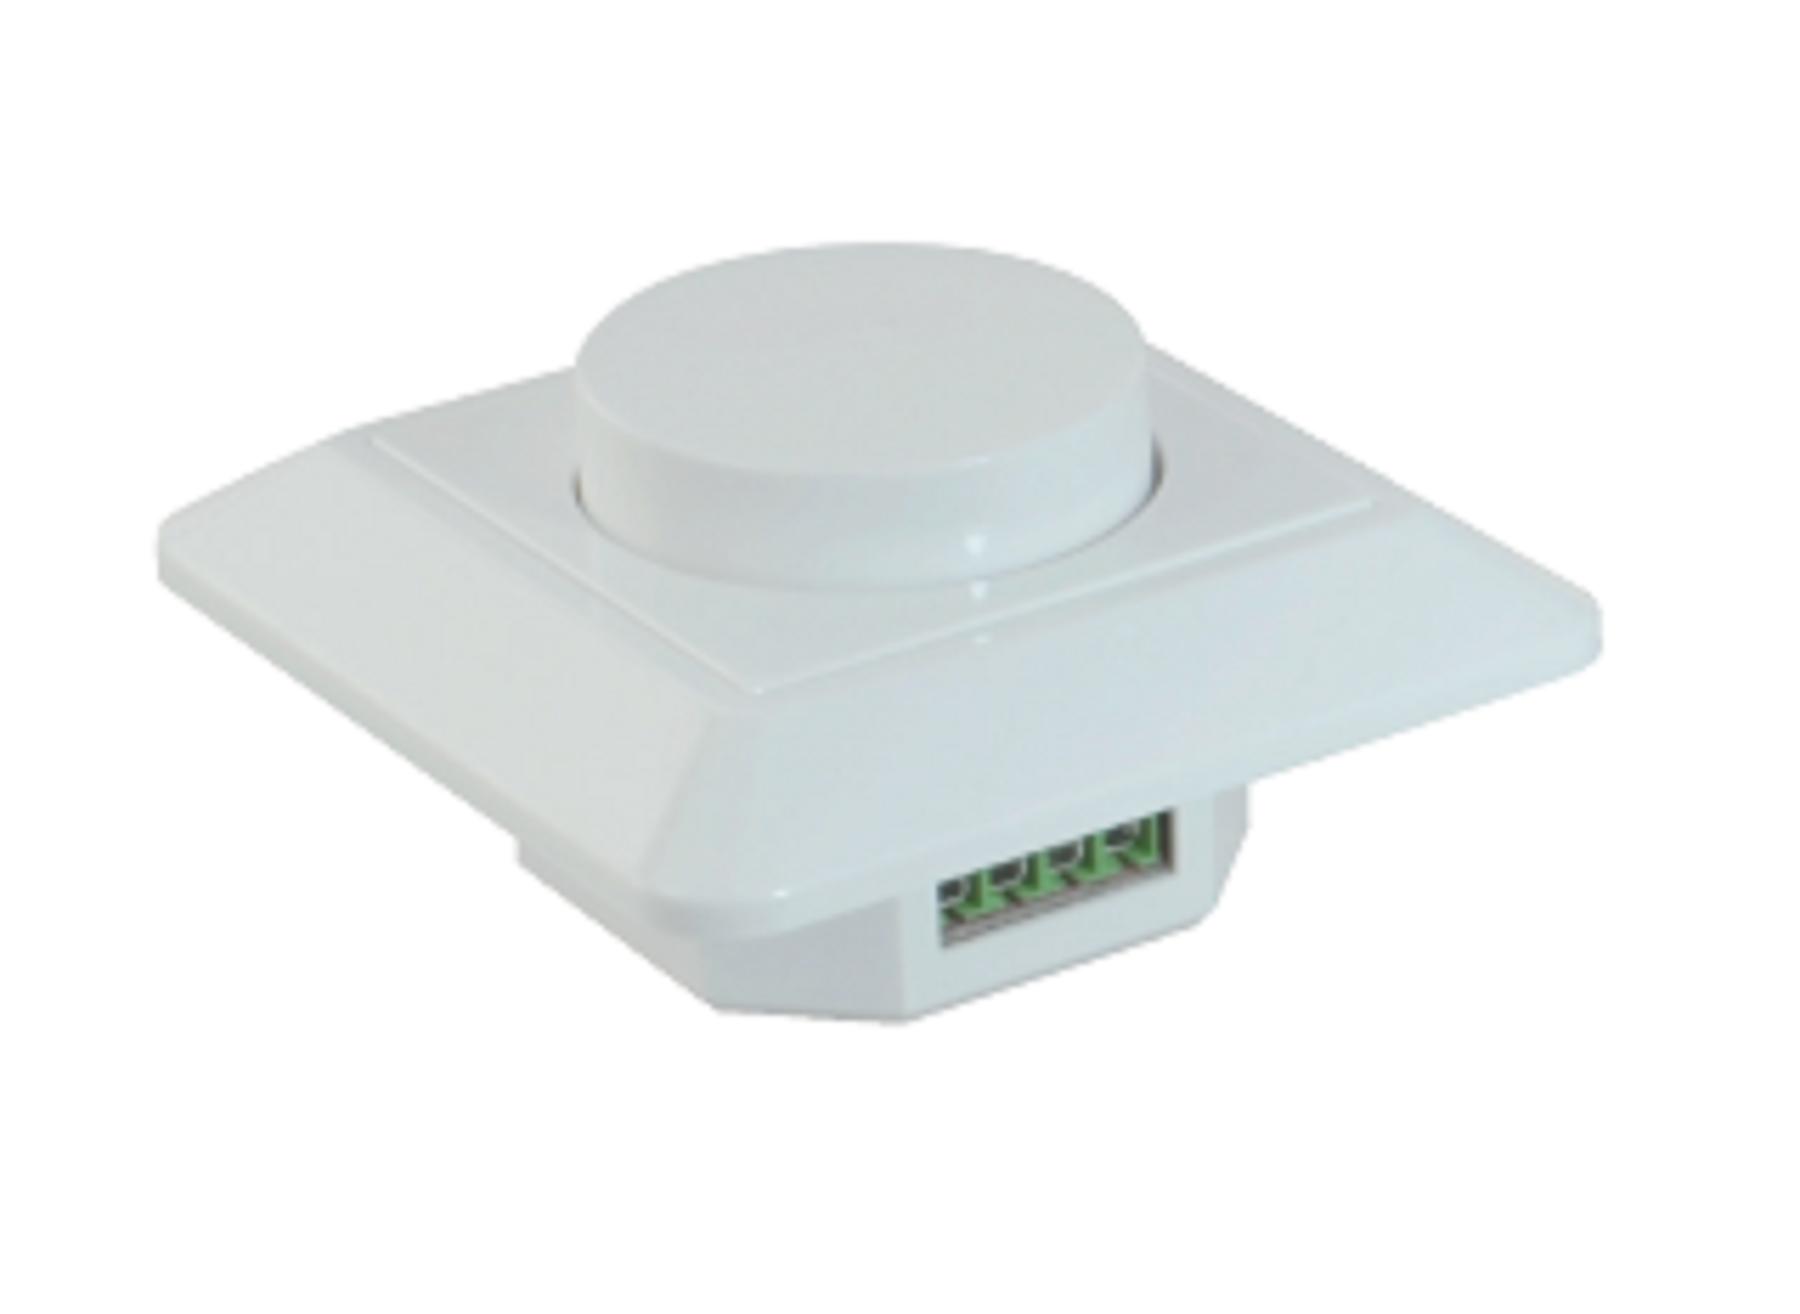 Tronix Opzetplaatje voor LED Dimmer